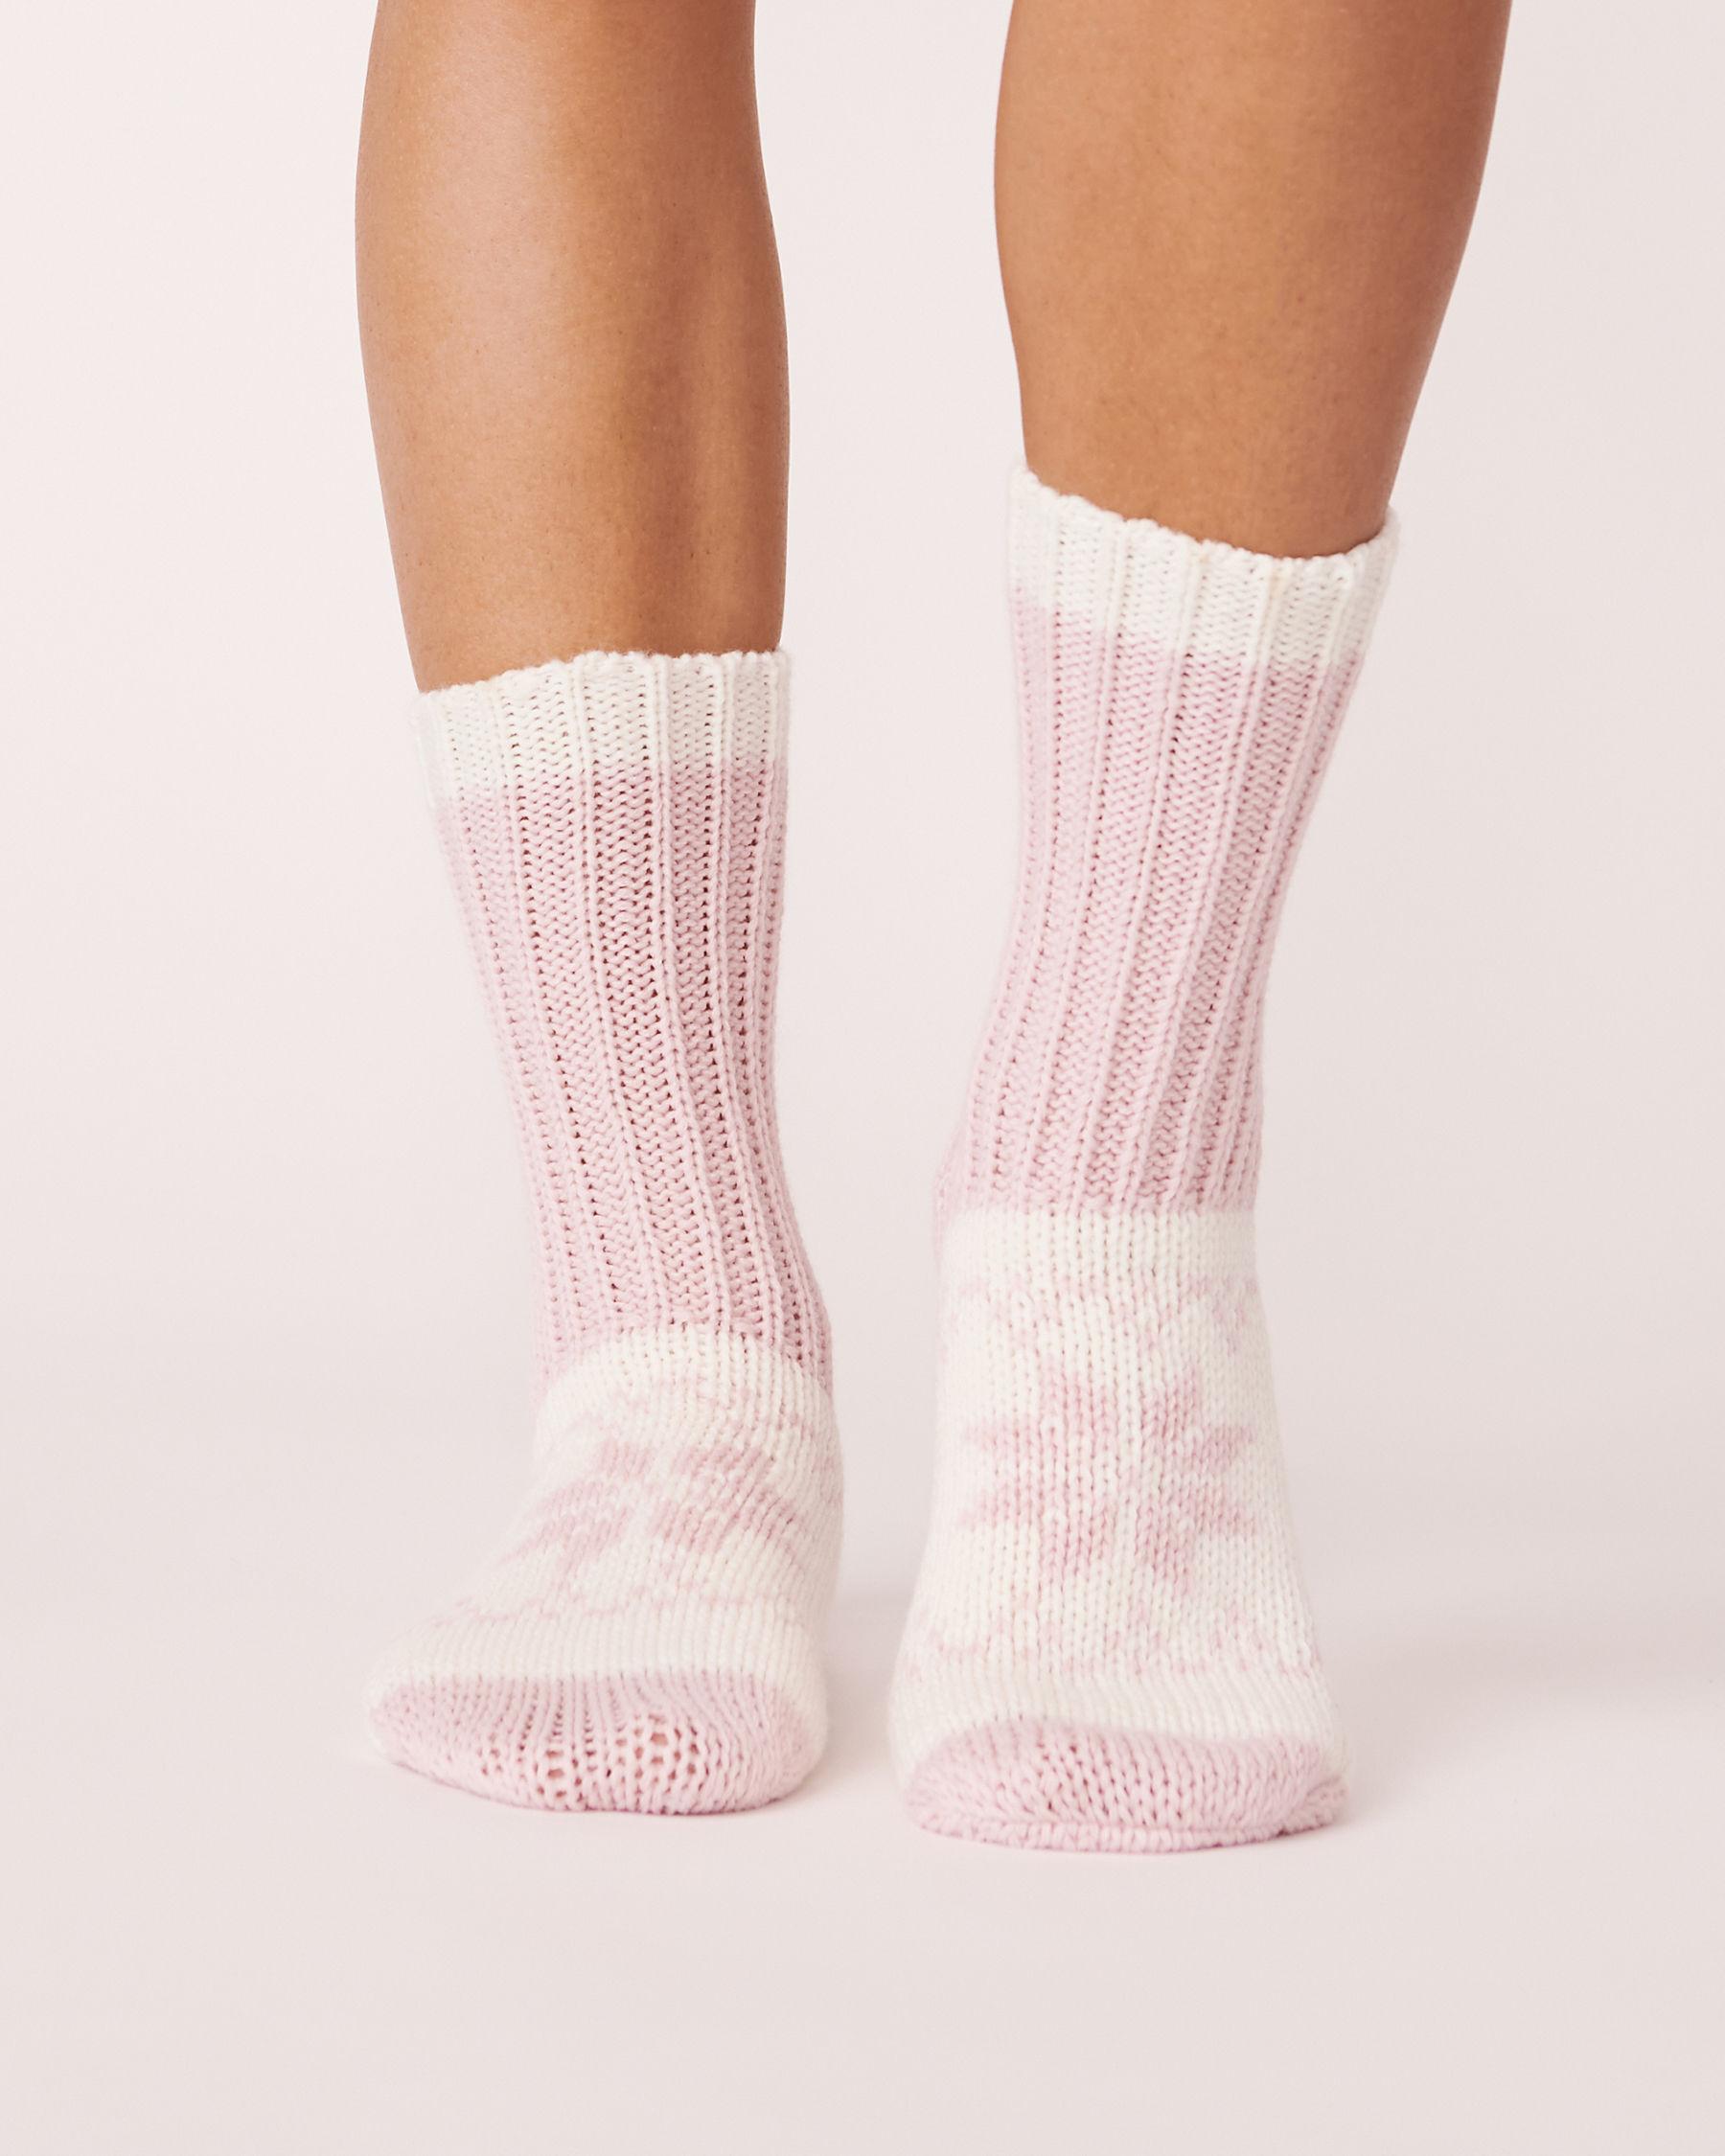 LA VIE EN ROSE Bas en tricot imprimé nordique Rose 559-514-0-09 - Voir1